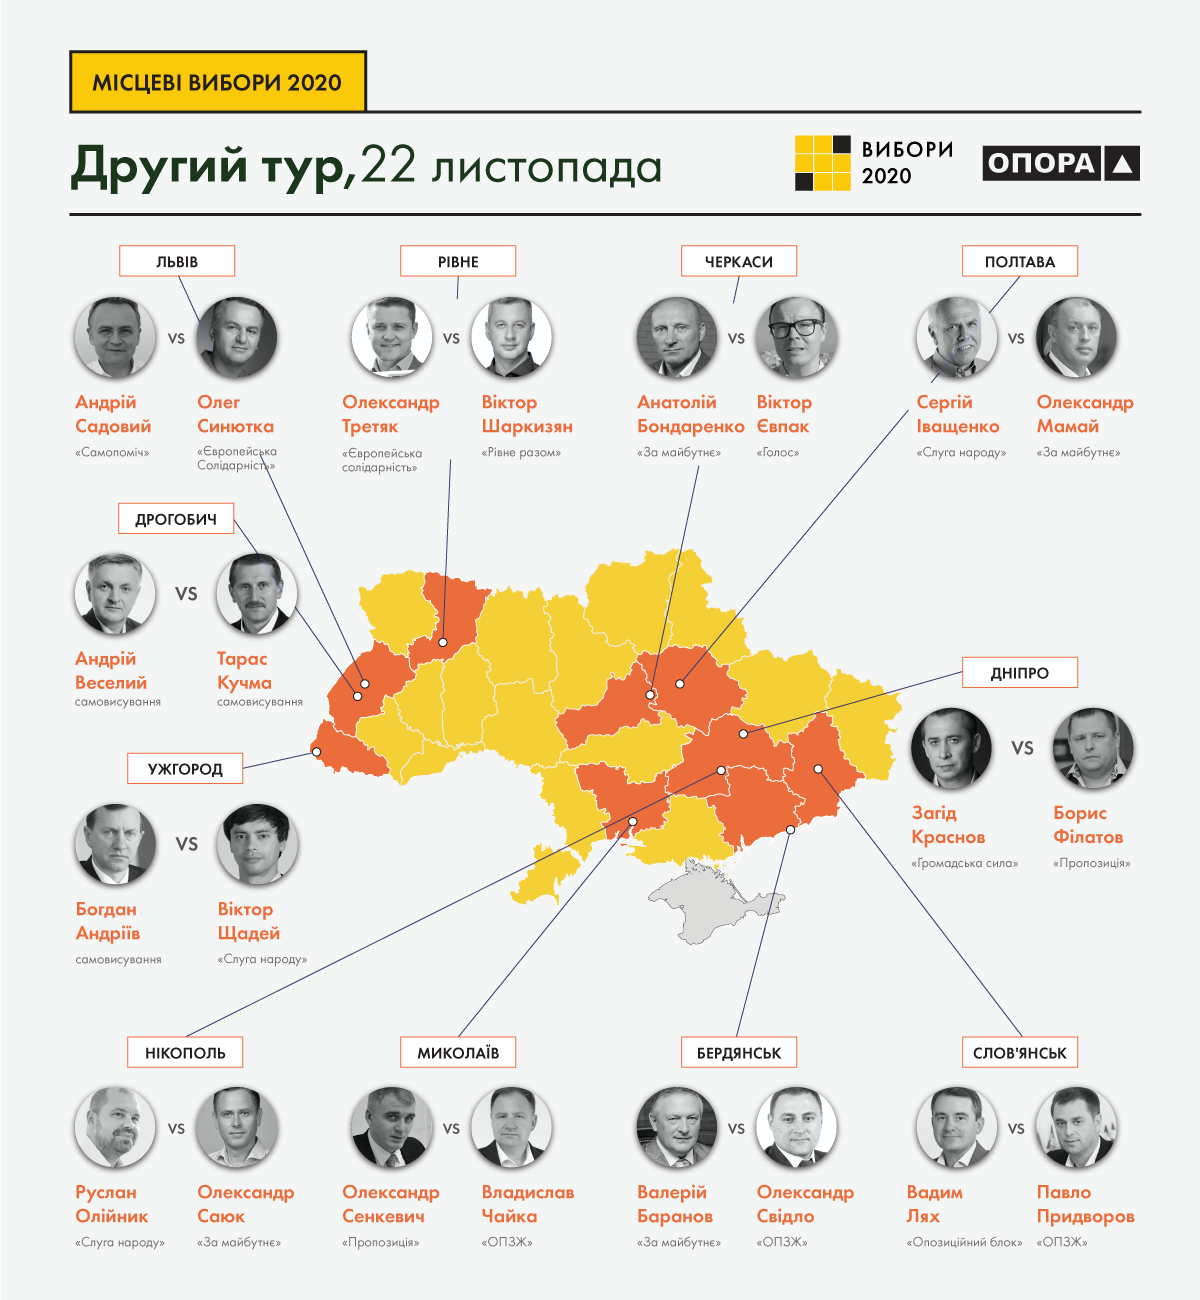 вибори мерів 22 листопада